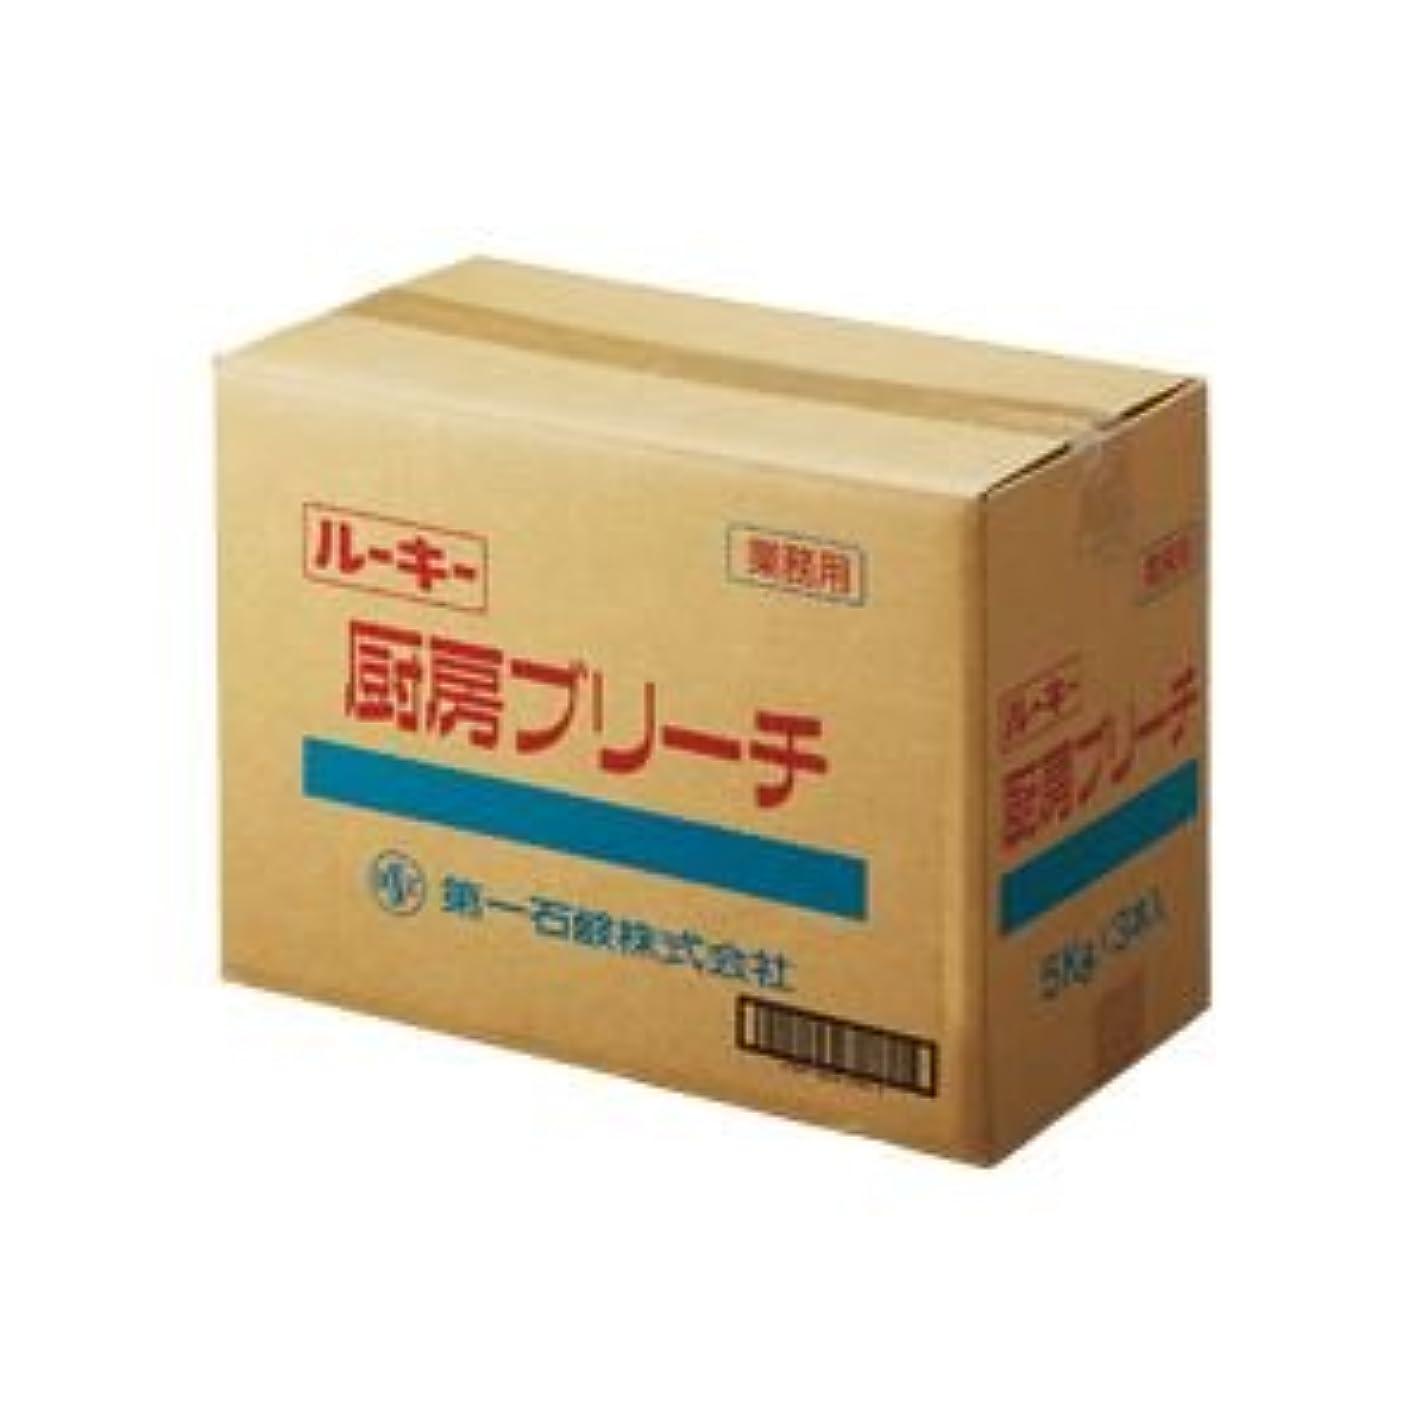 型同行する舗装(まとめ) 第一石鹸 ルーキー 厨房ブリーチ 業務用 5kg/本 1セット(3本) 【×2セット】